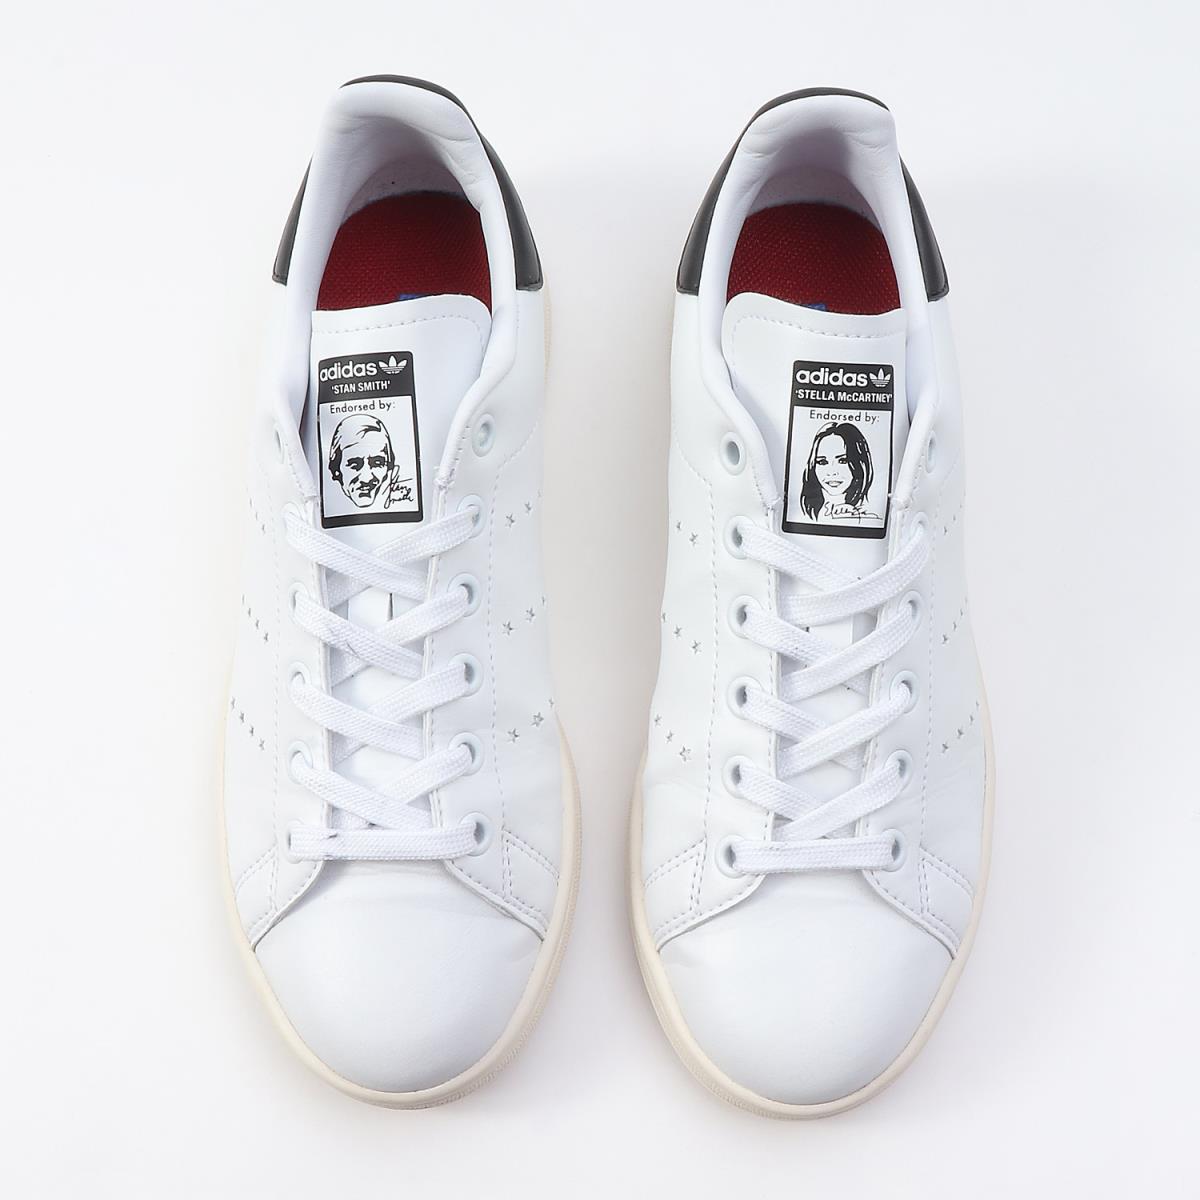 39b240ac8d6e66 STELLA McCARTNEY (Stella McCartney) 18A W X adidas Adidas Stan Smith star  star white X black 23cm